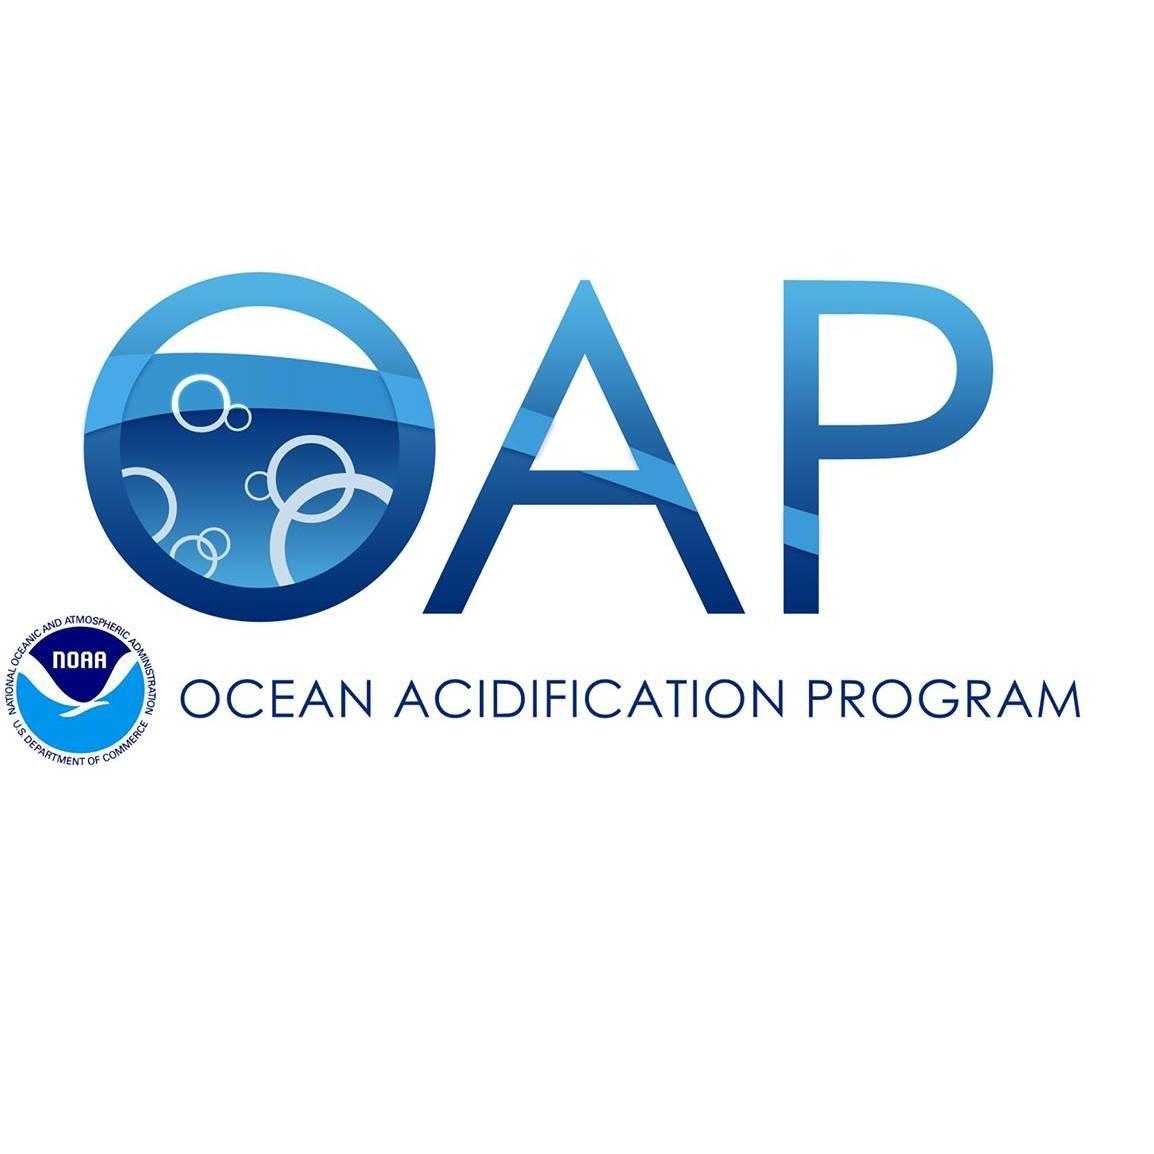 NOAA OA Program logo